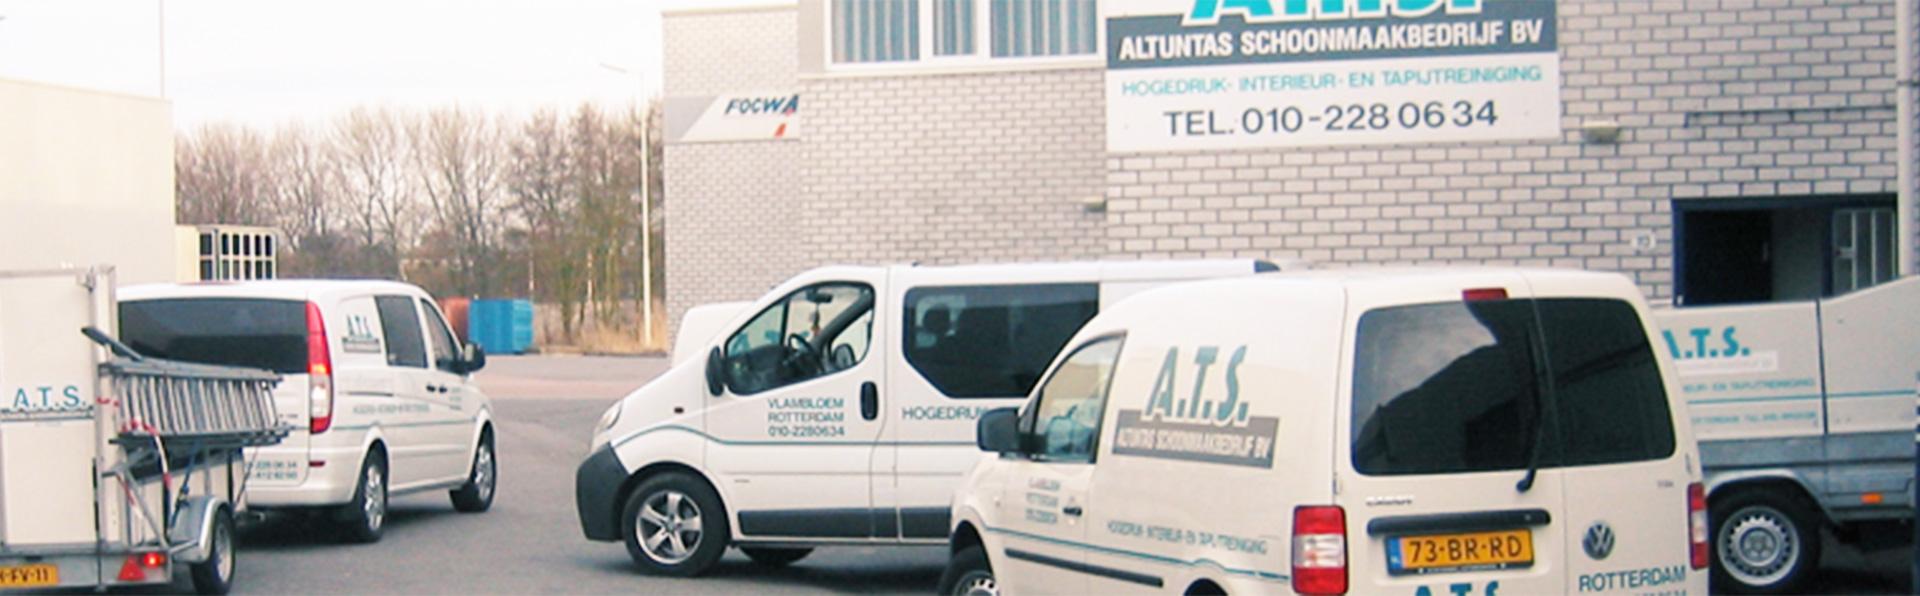 Schoonmaakbedrijf- Dordrecht- ATS-header